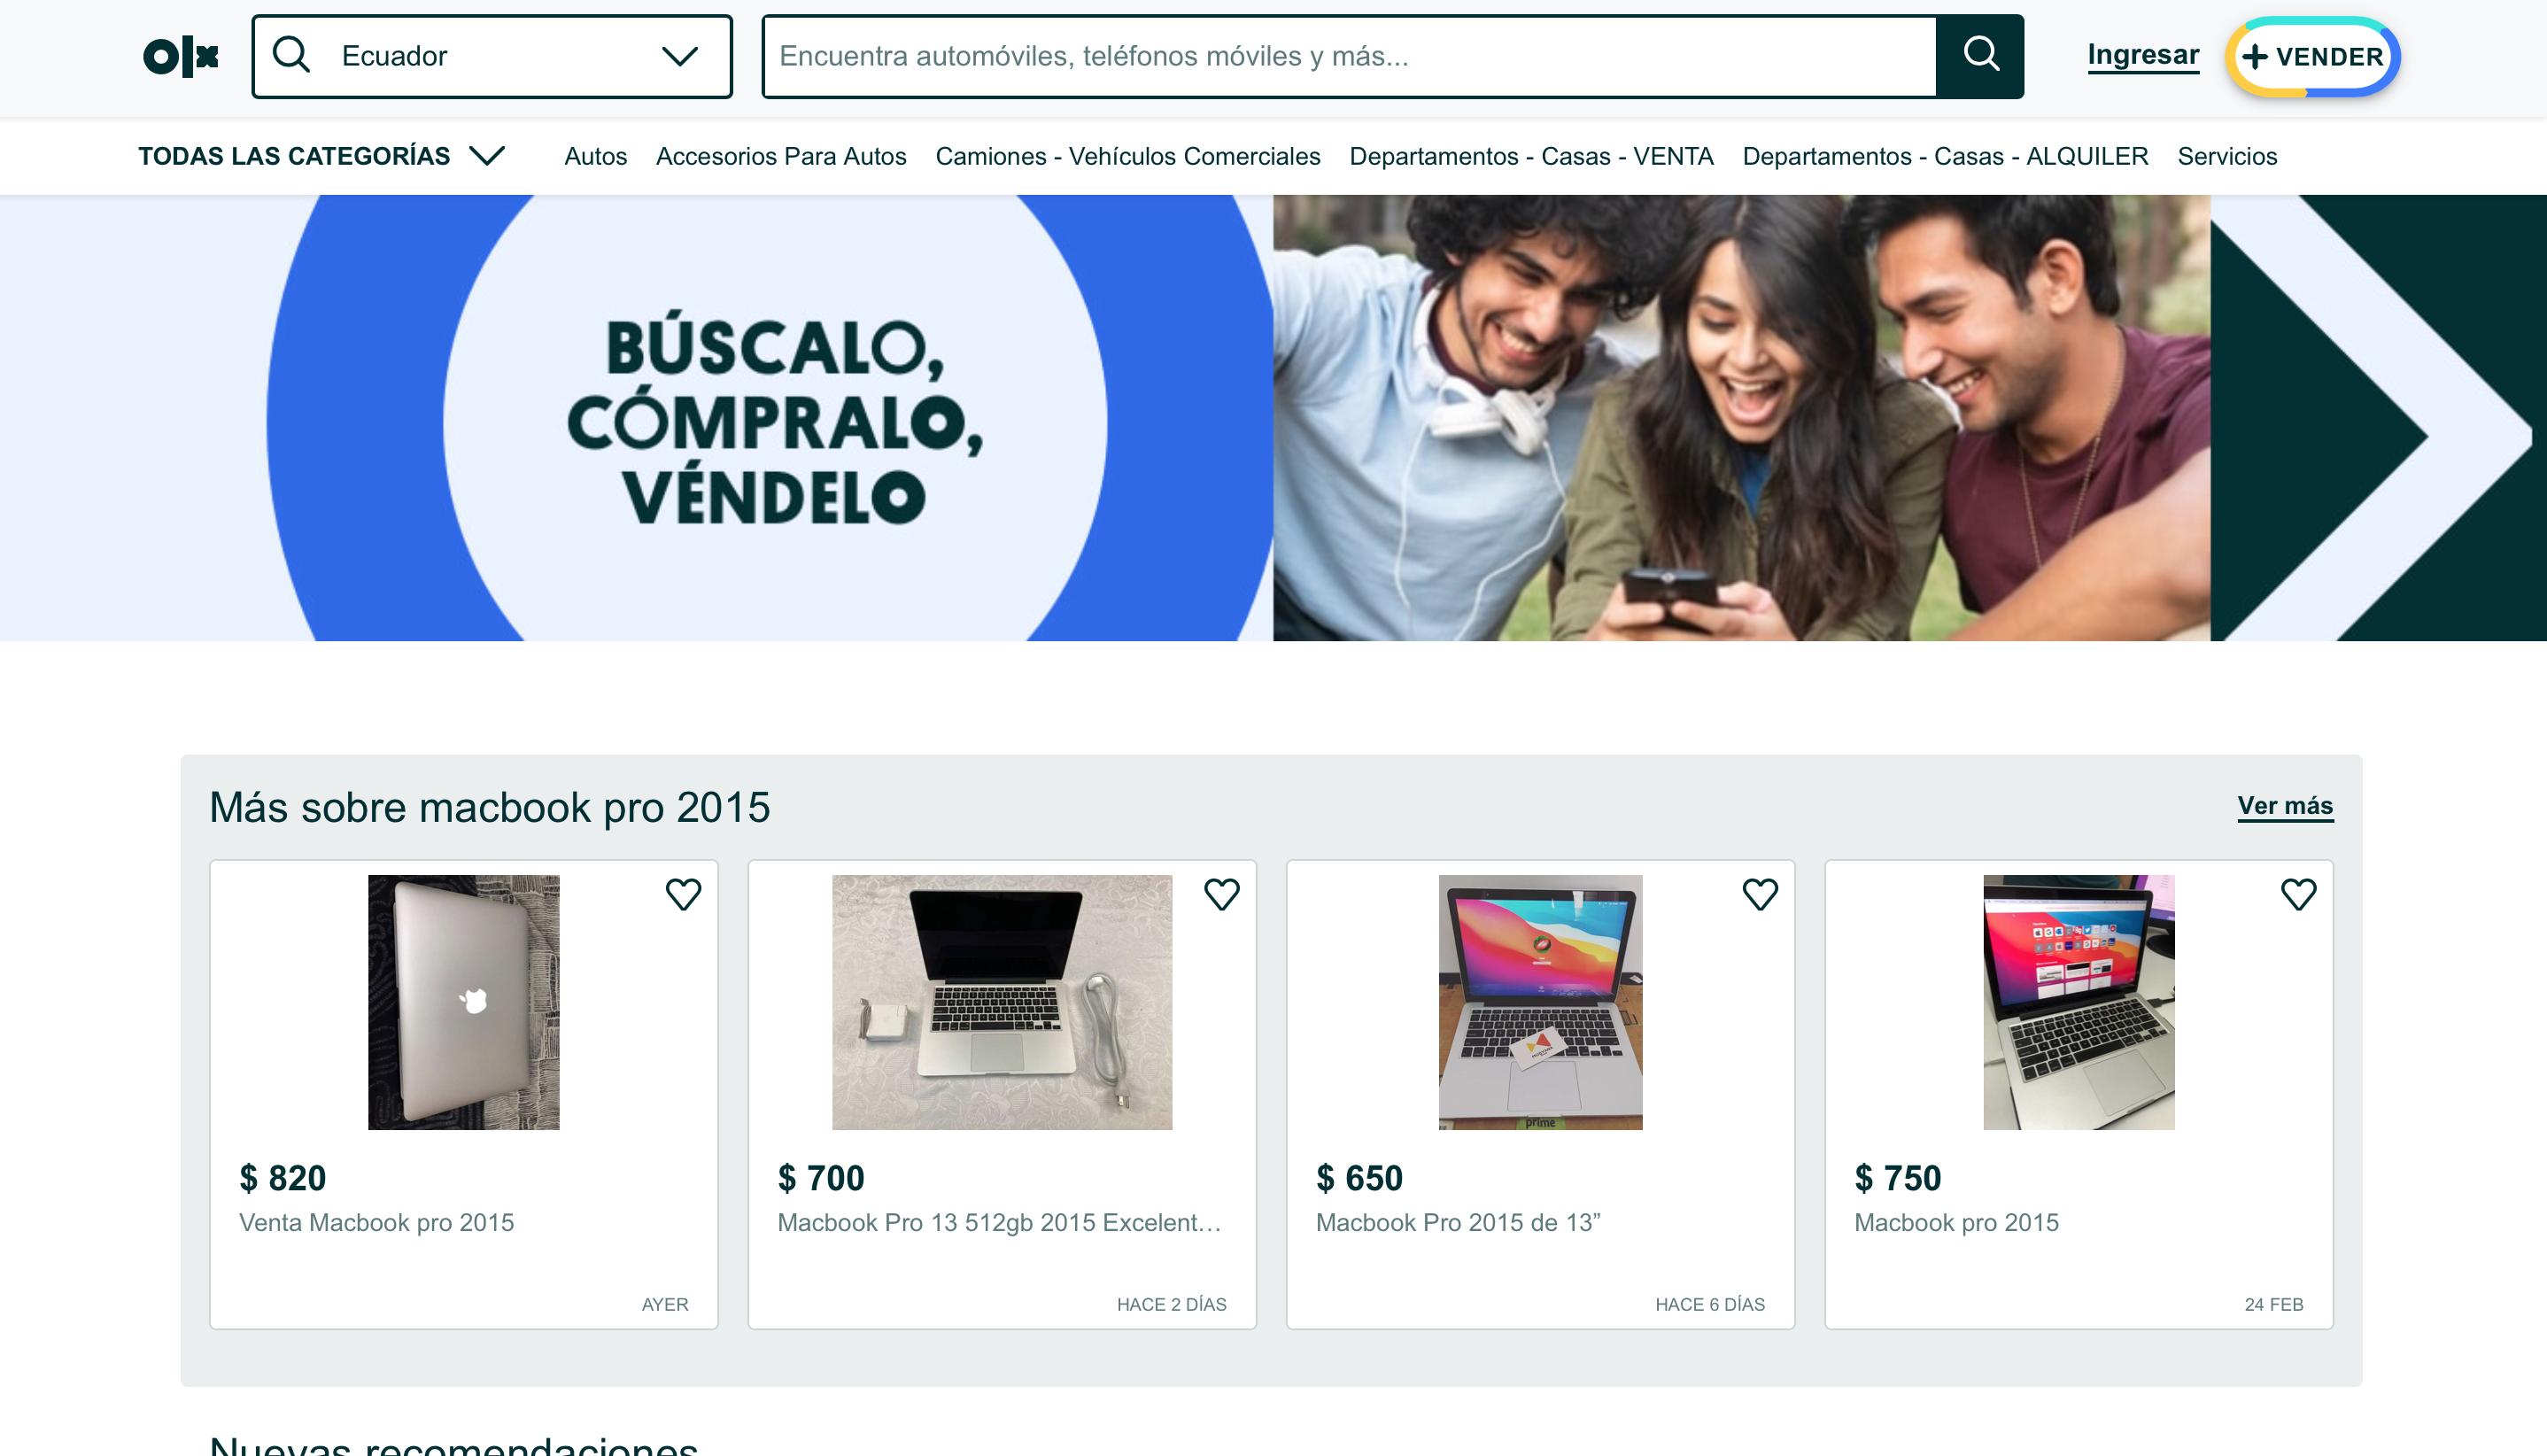 Редизайн и разработка фронтенда сайта Olx.com.ec. Эквадор